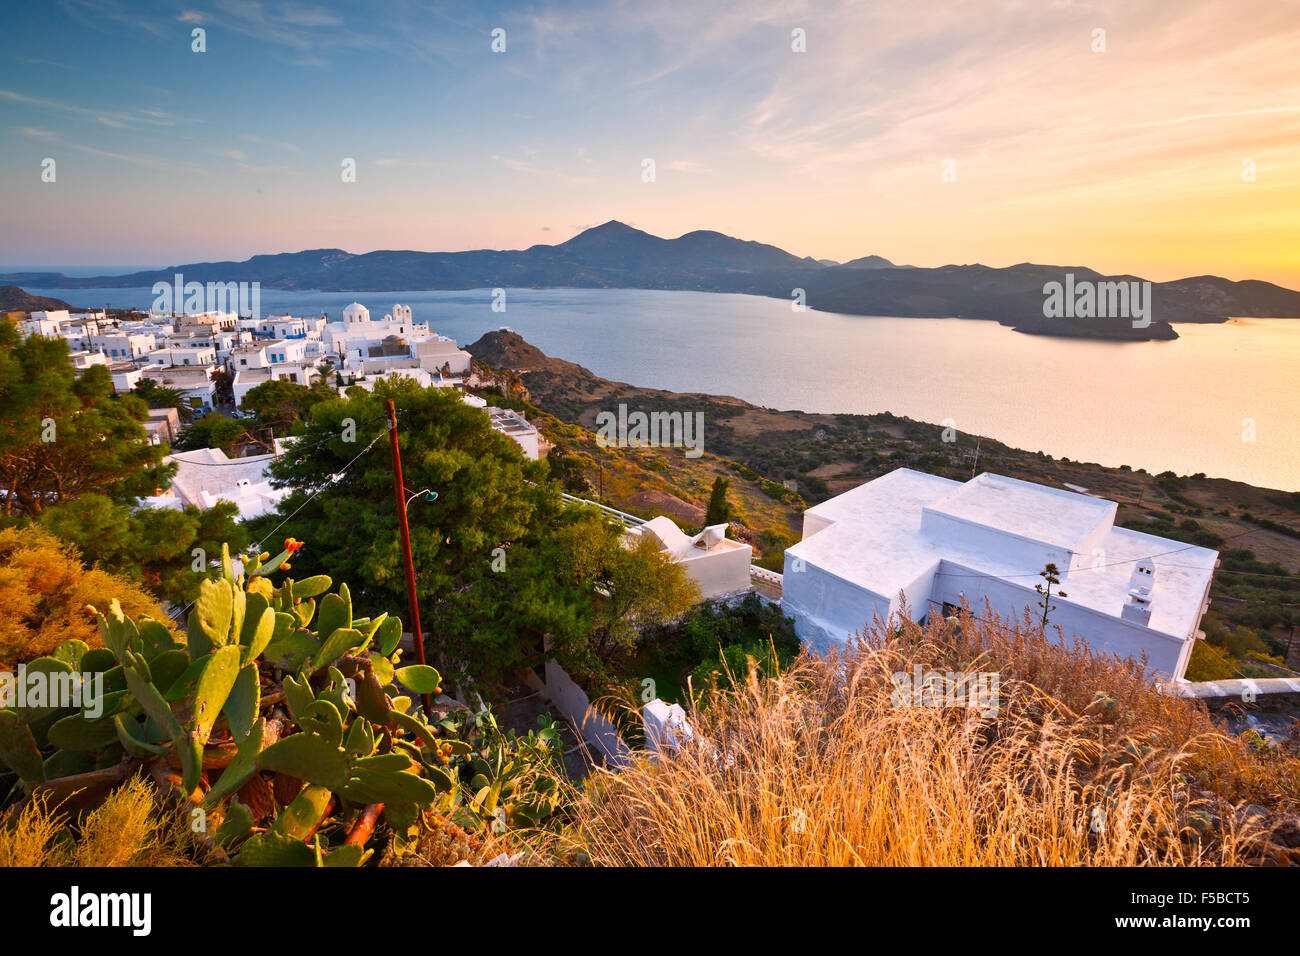 Vue sur la baie de Milos et Plaka village, la capitale de l'île de Milos, en Grèce. Photo Stock